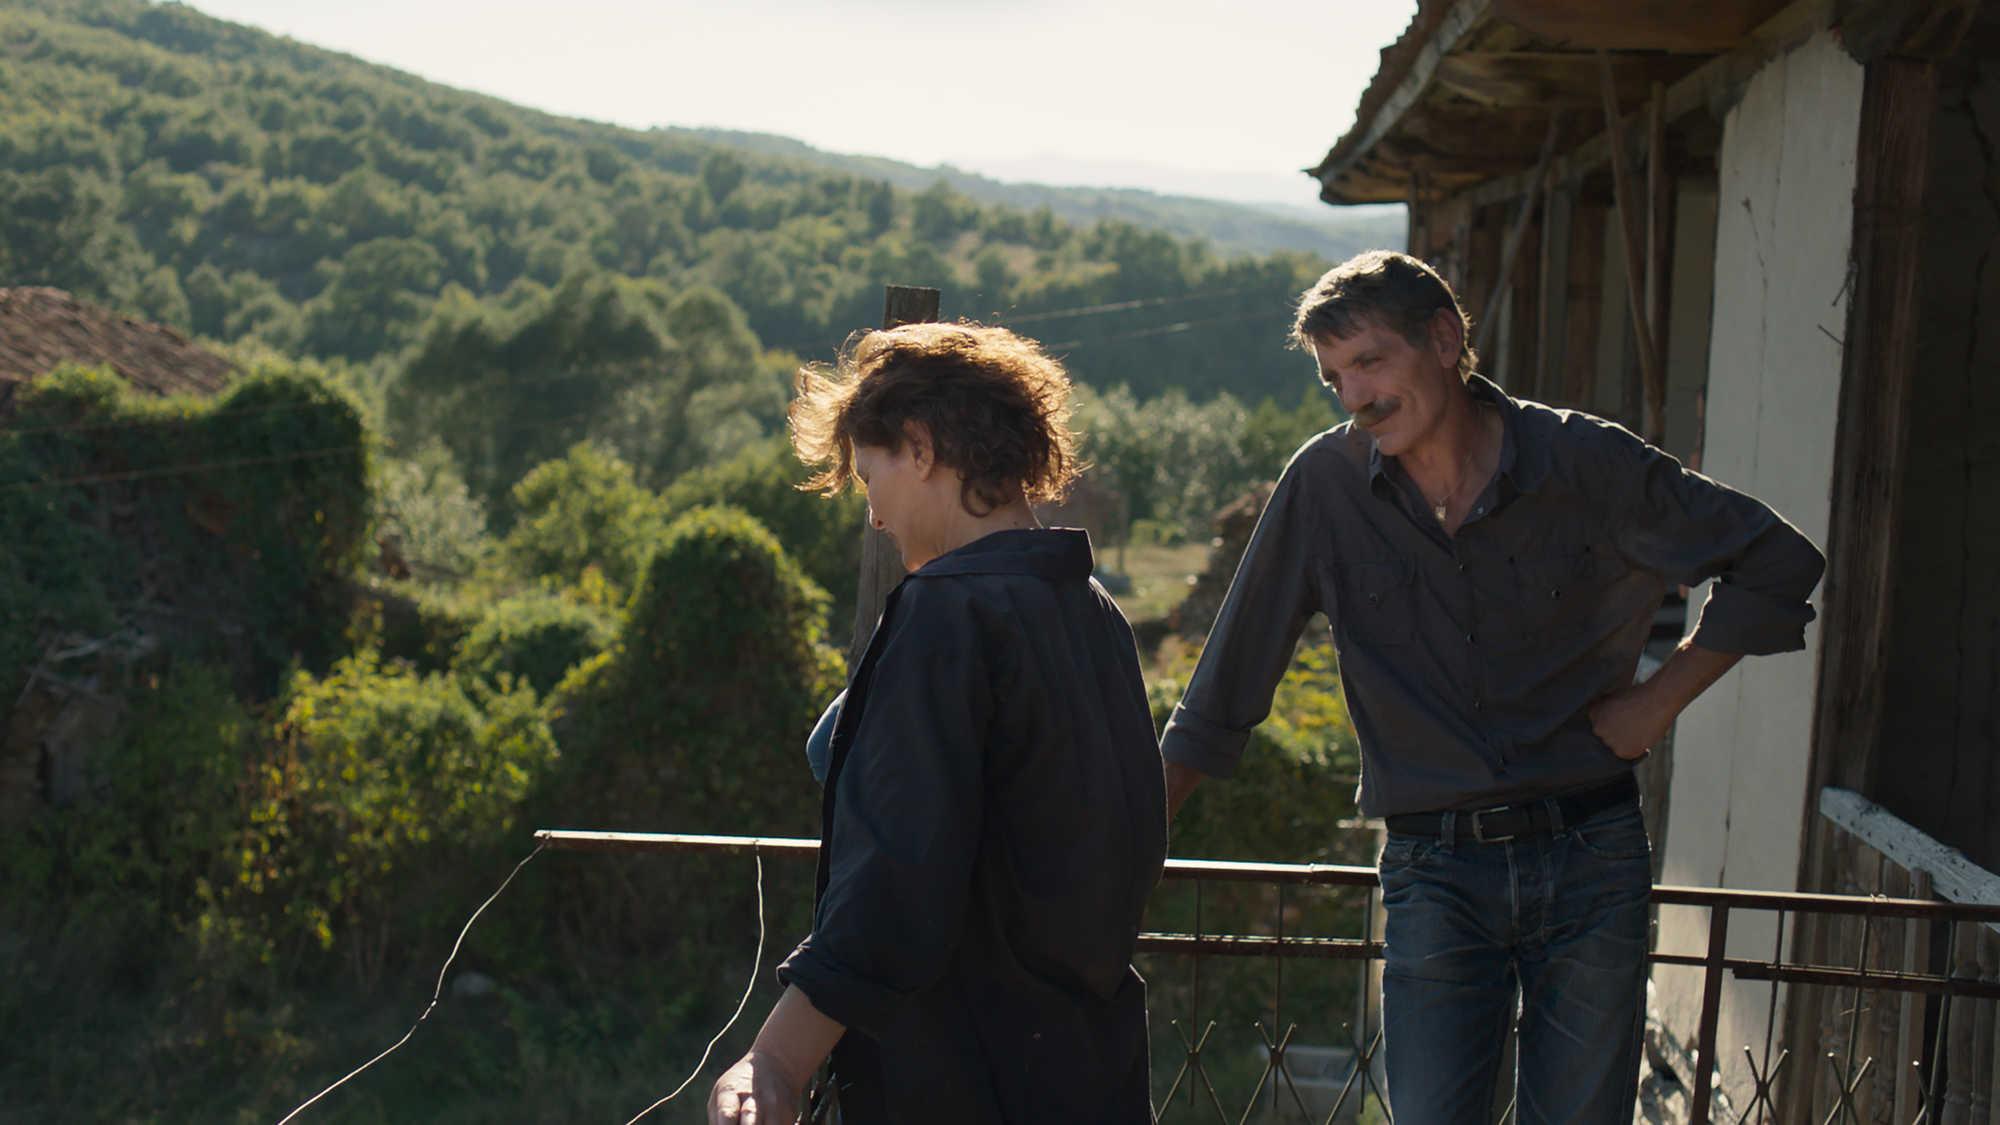 WESTERN-Still4-actorMeinhardNeumann_C-Komplizen-Film-2000-2000-1125-1125-crop-fill